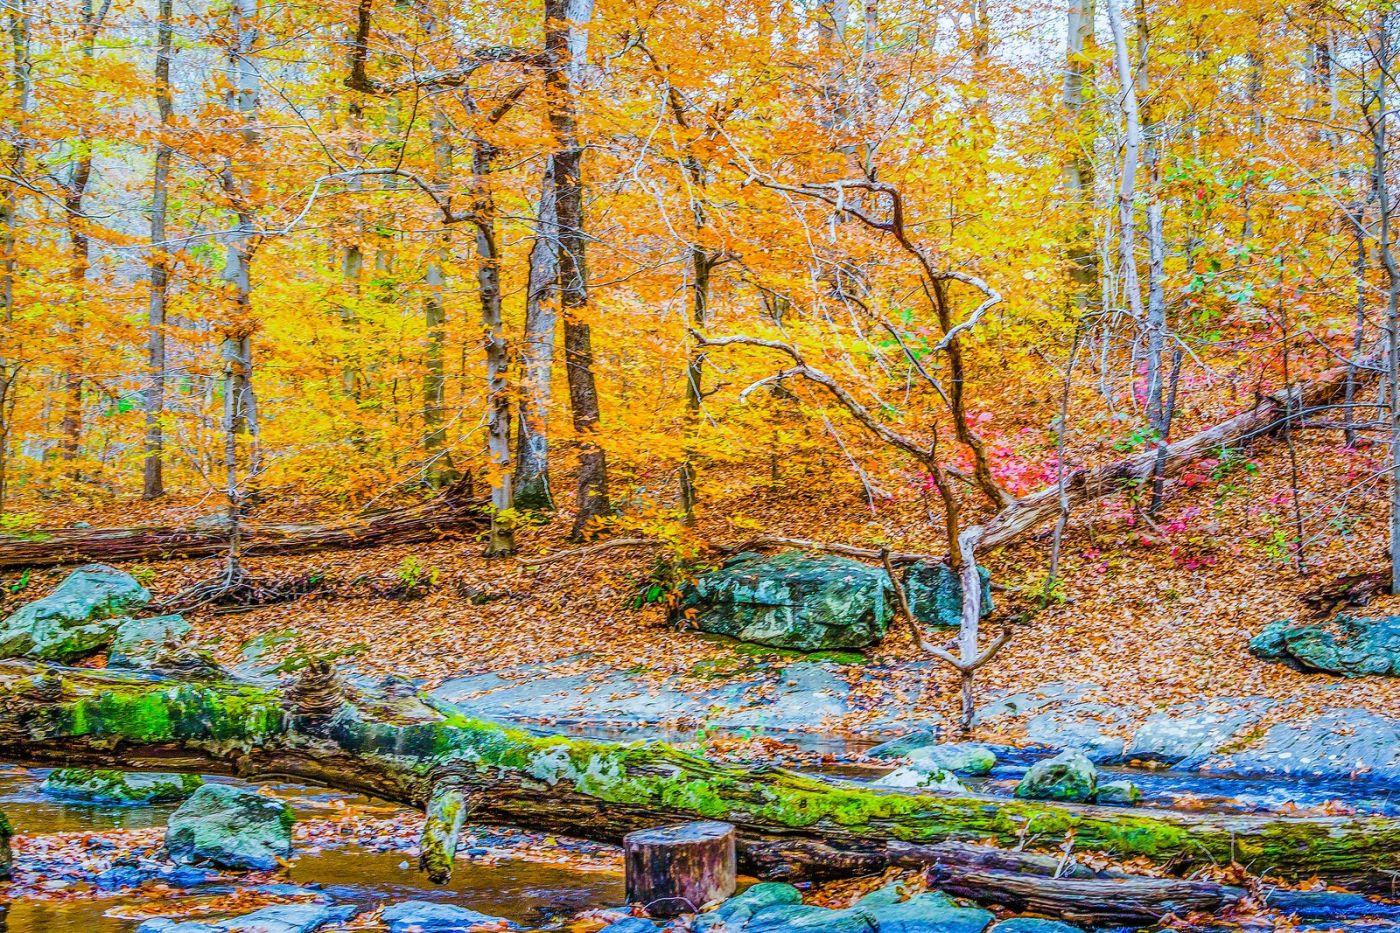 宾州雷德利克里克公园(Ridley creek park),如梦的画面_图1-2